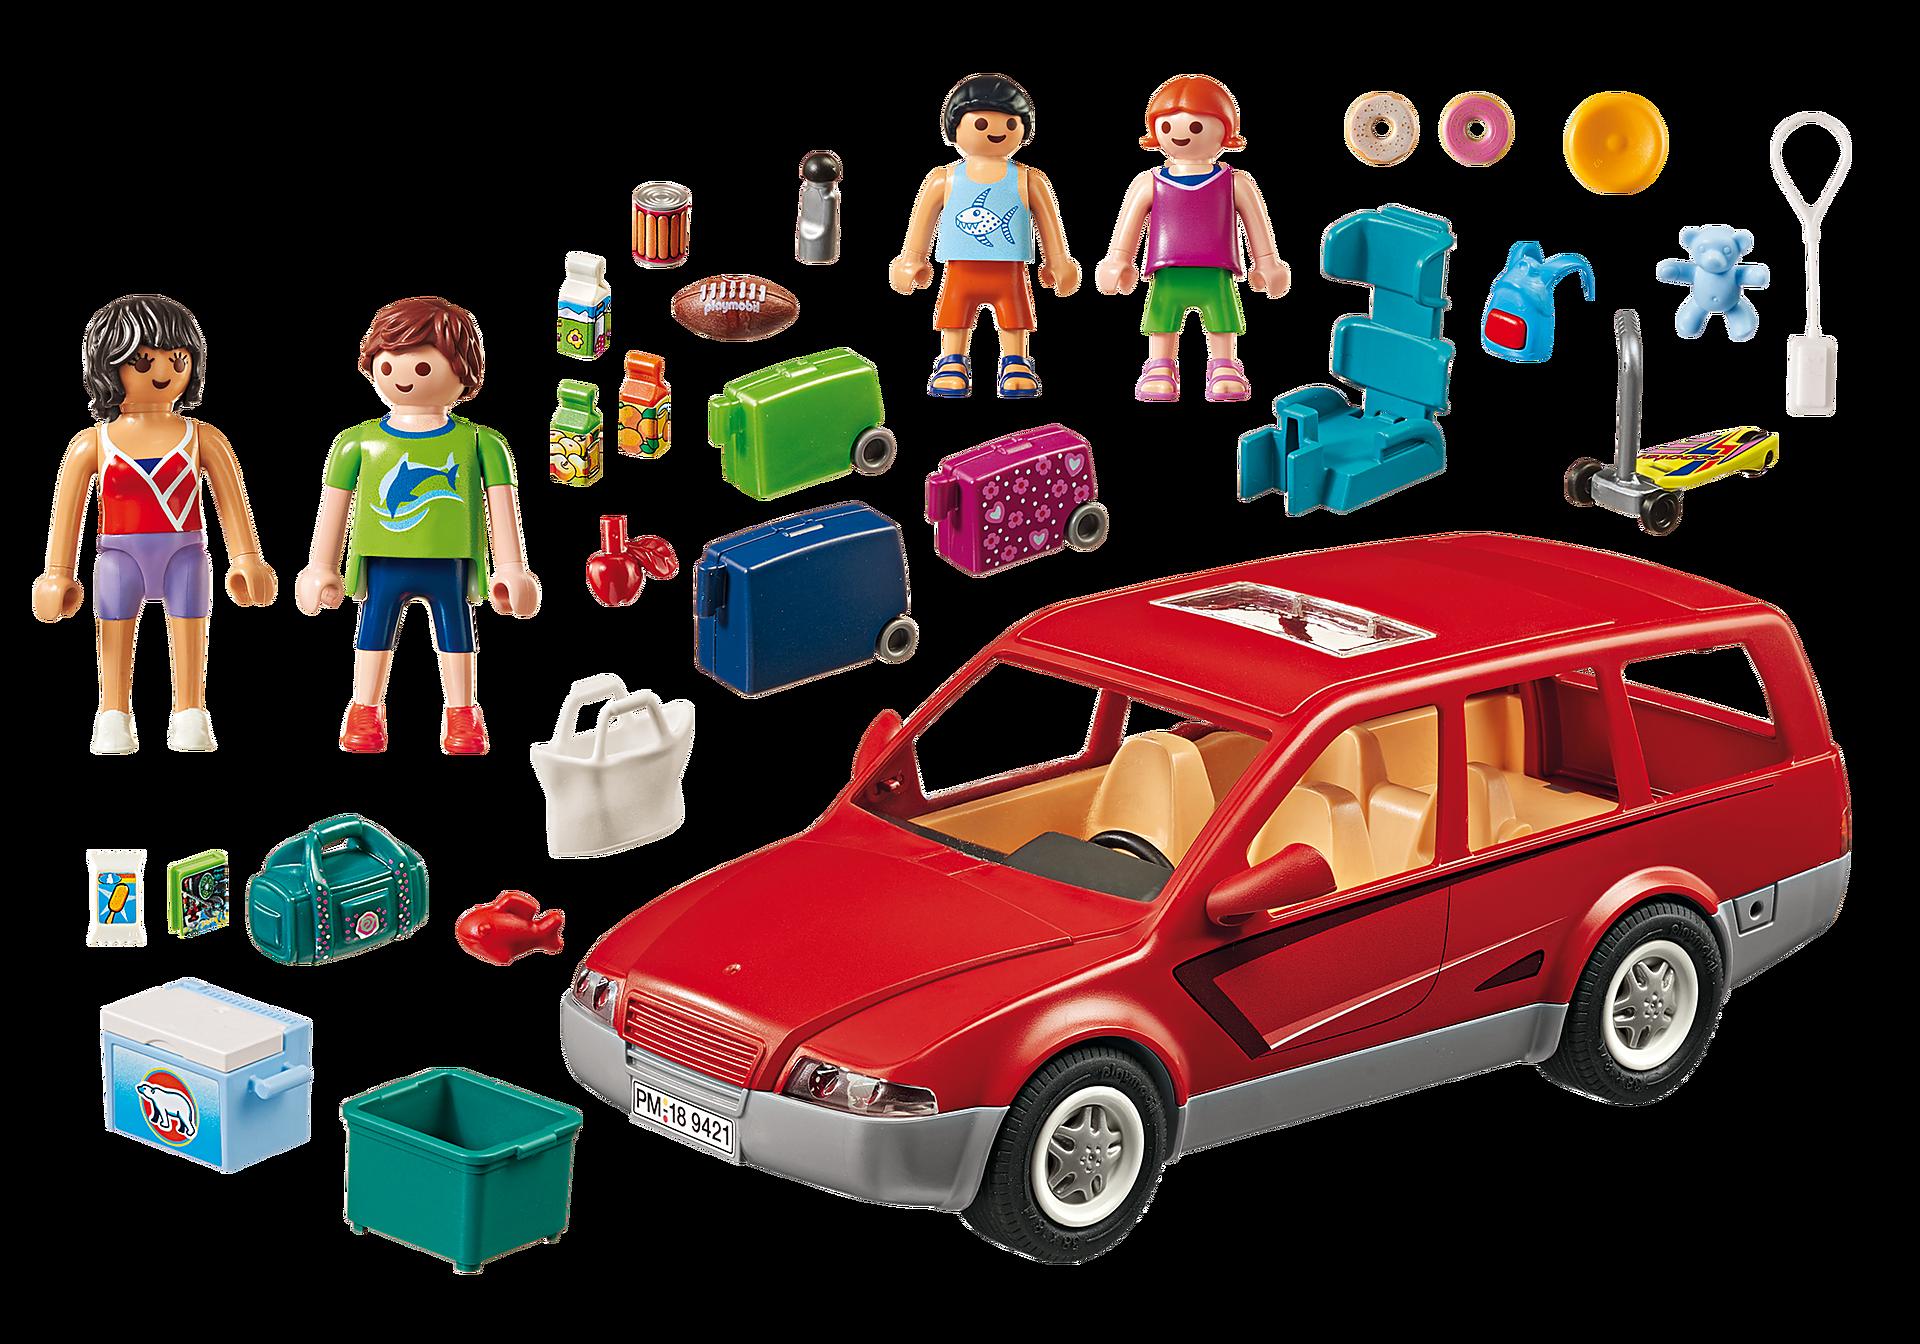 9421 Οικογενειακό πολυχρηστικό όχημα zoom image4